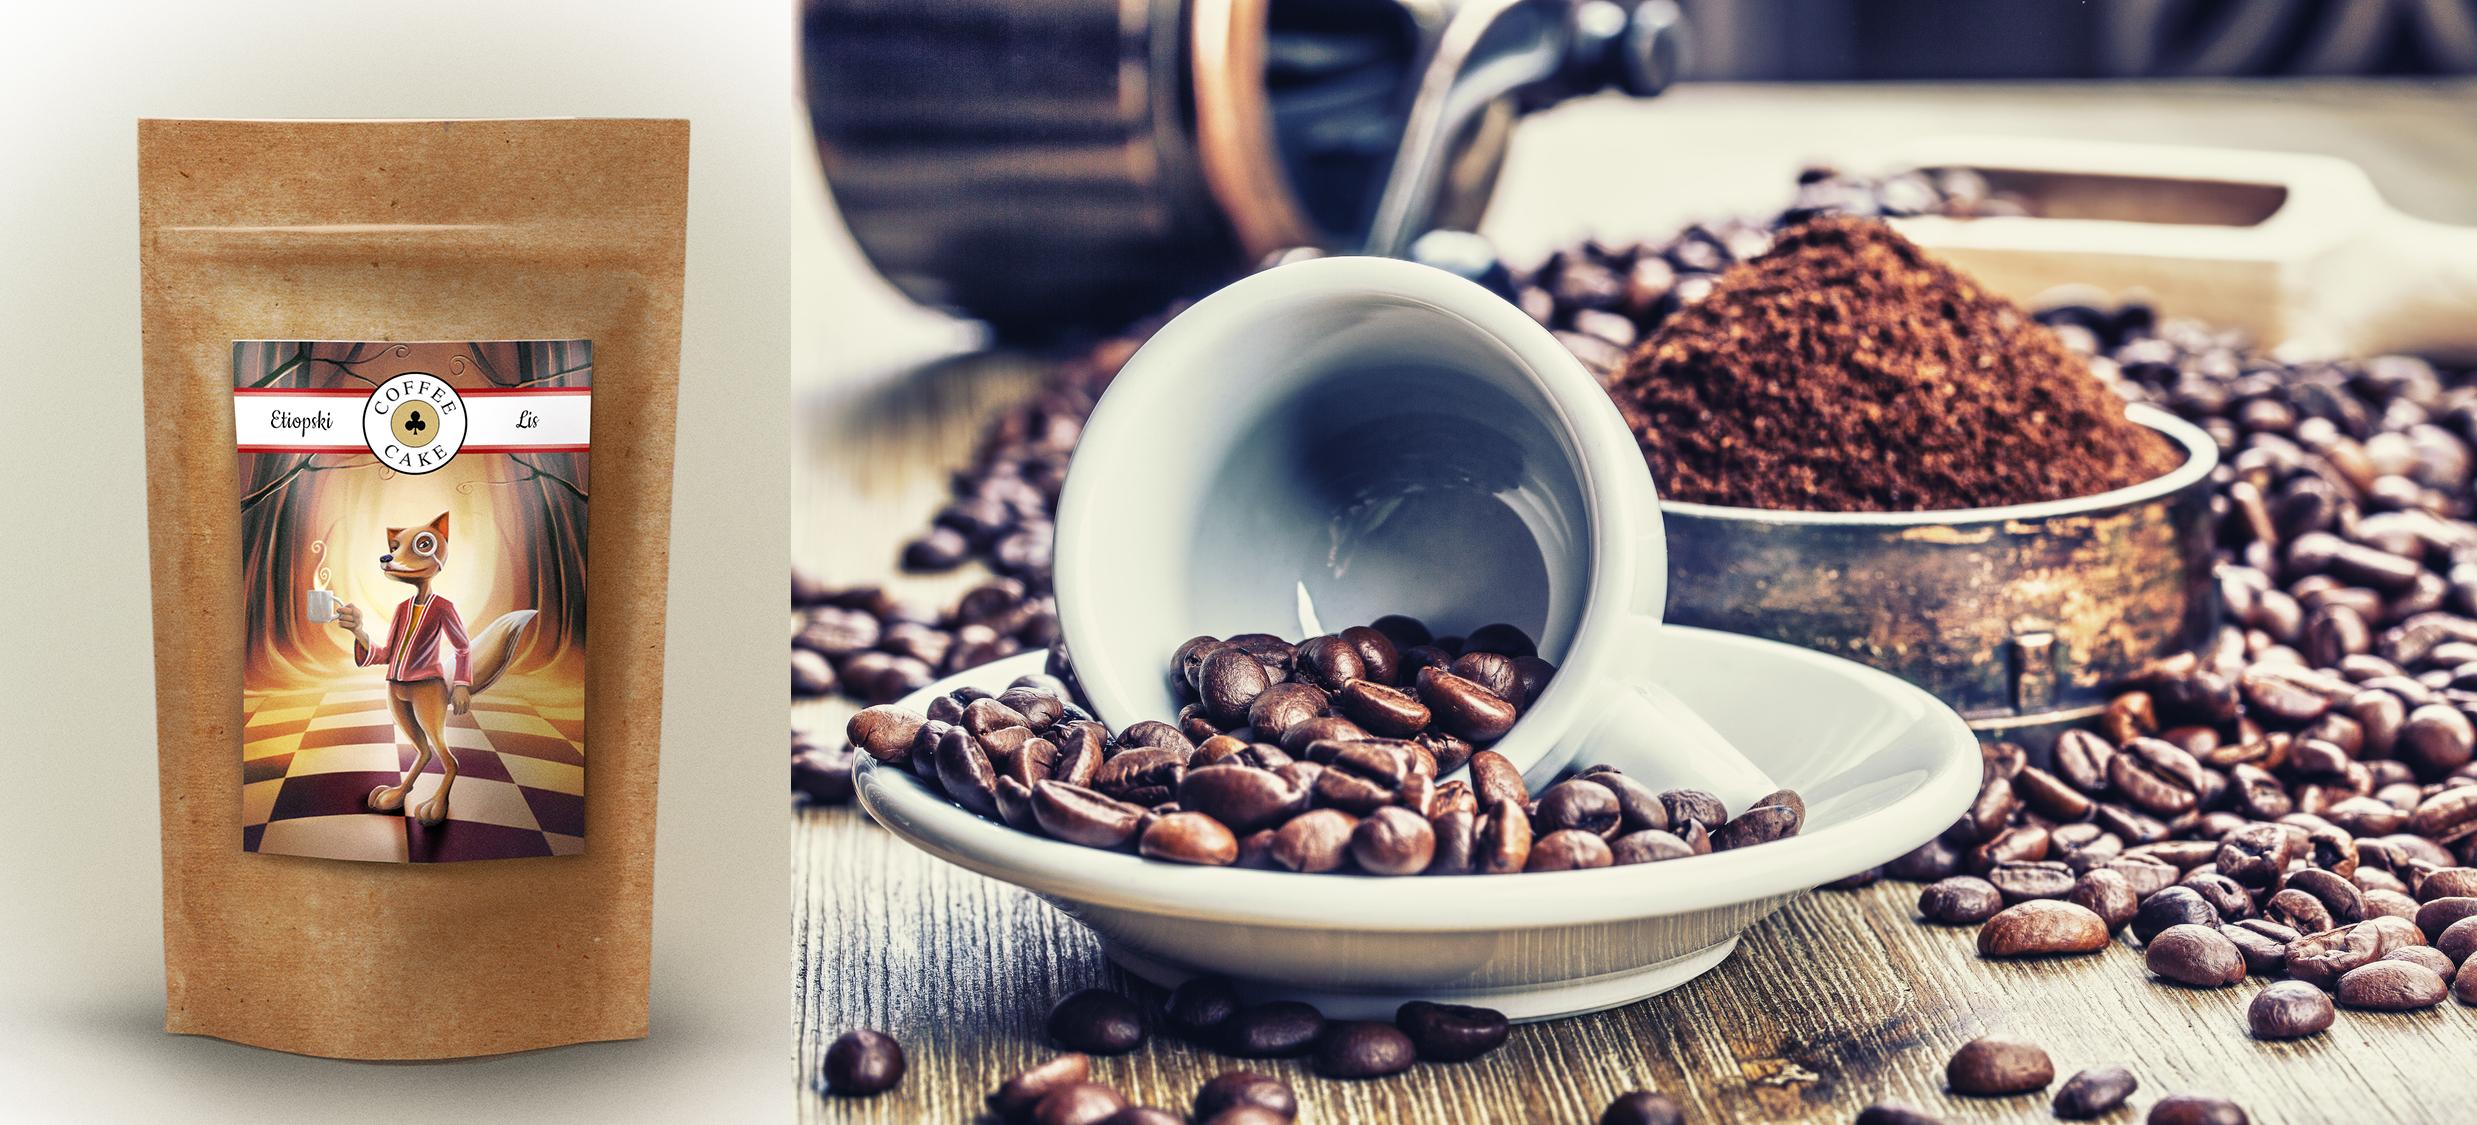 opakowanie kawy etiopski lis i ziarna kawy